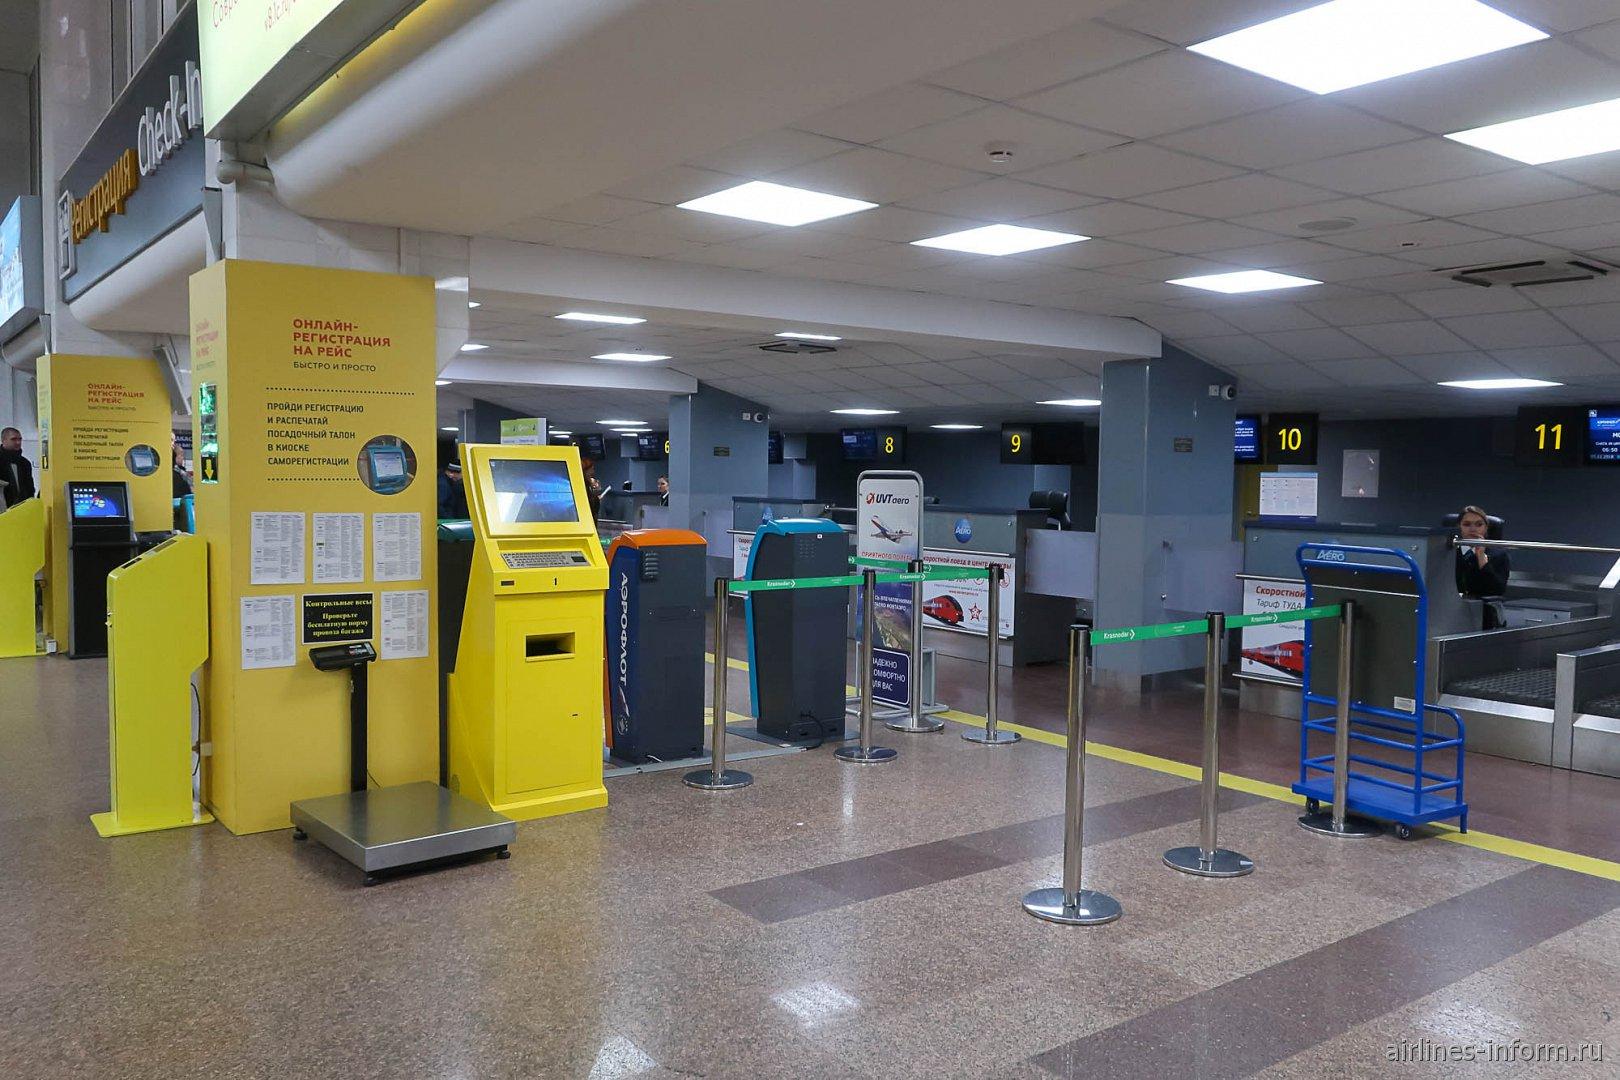 Стойки регистрации в аэропорту Краснодар Пашковский